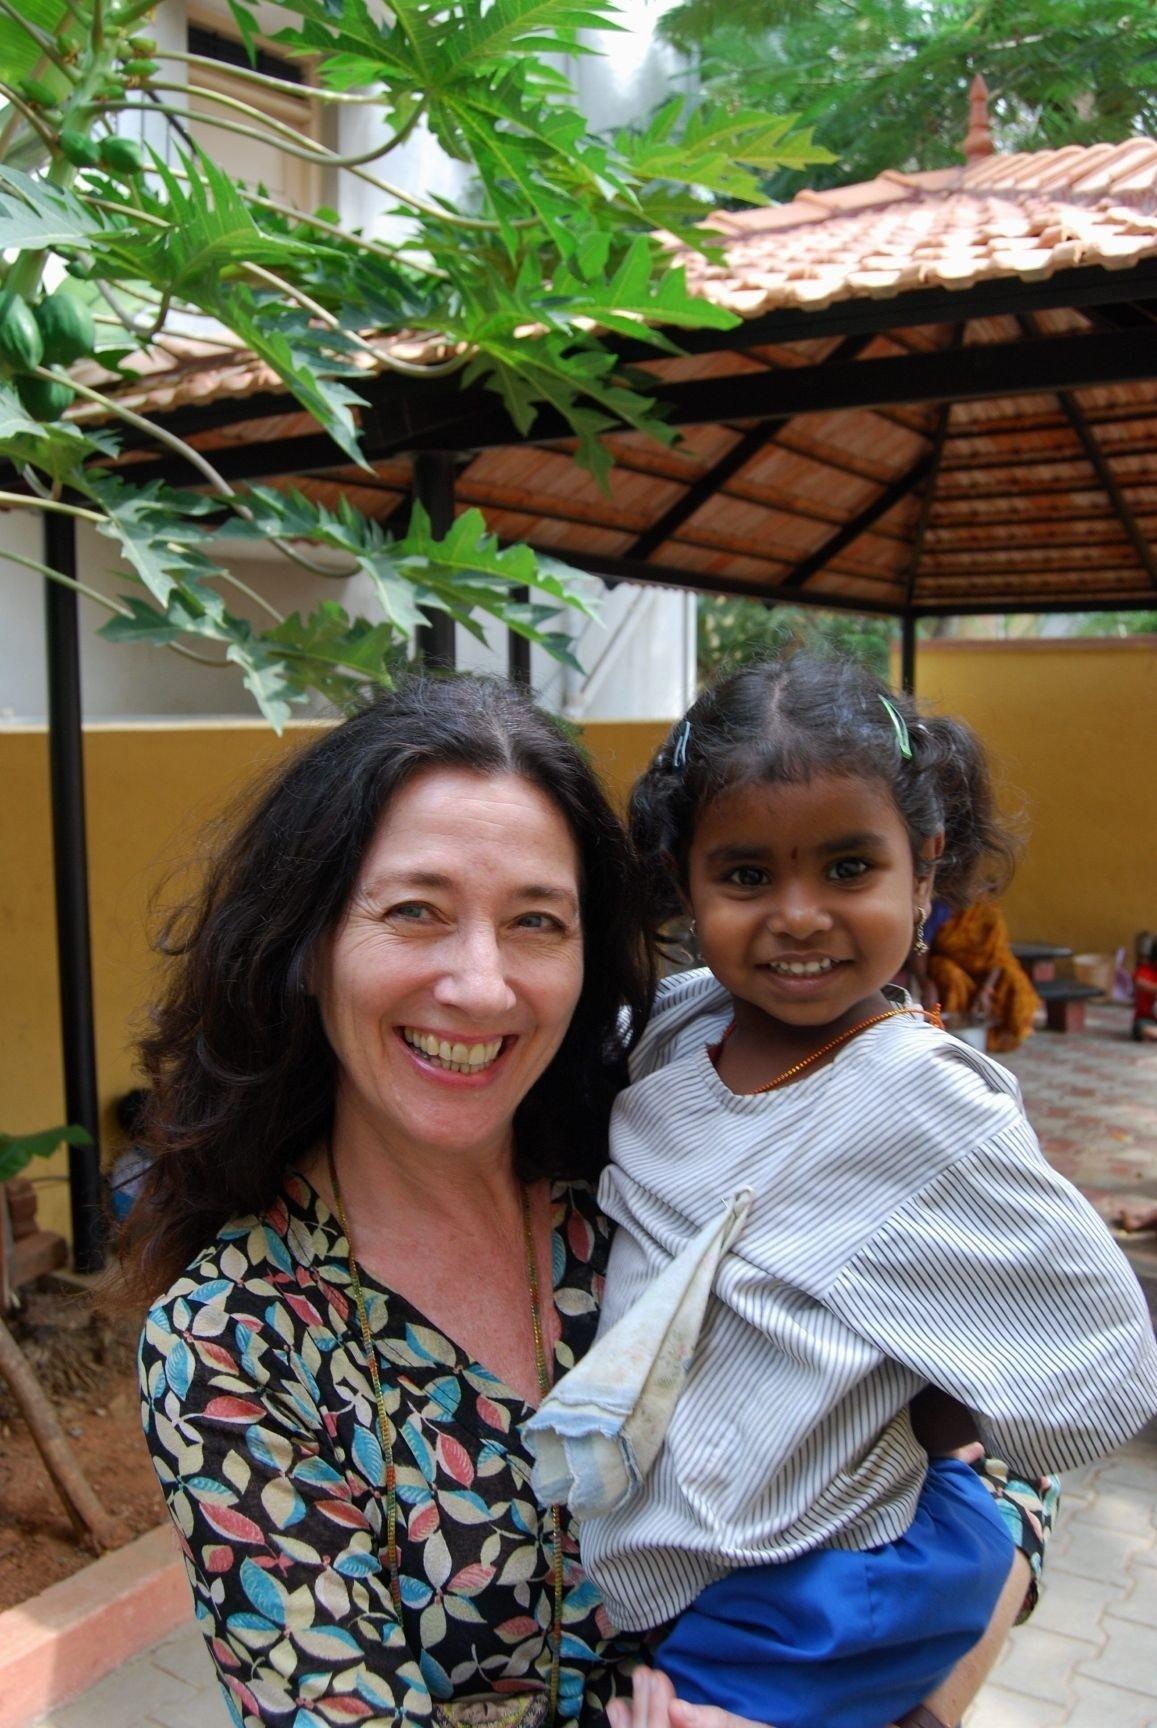 SOLIDARITET: Maj Britt og Indrani. Mange norske barn har blitt kjent med jenta fra Bangalore, India, dette året.